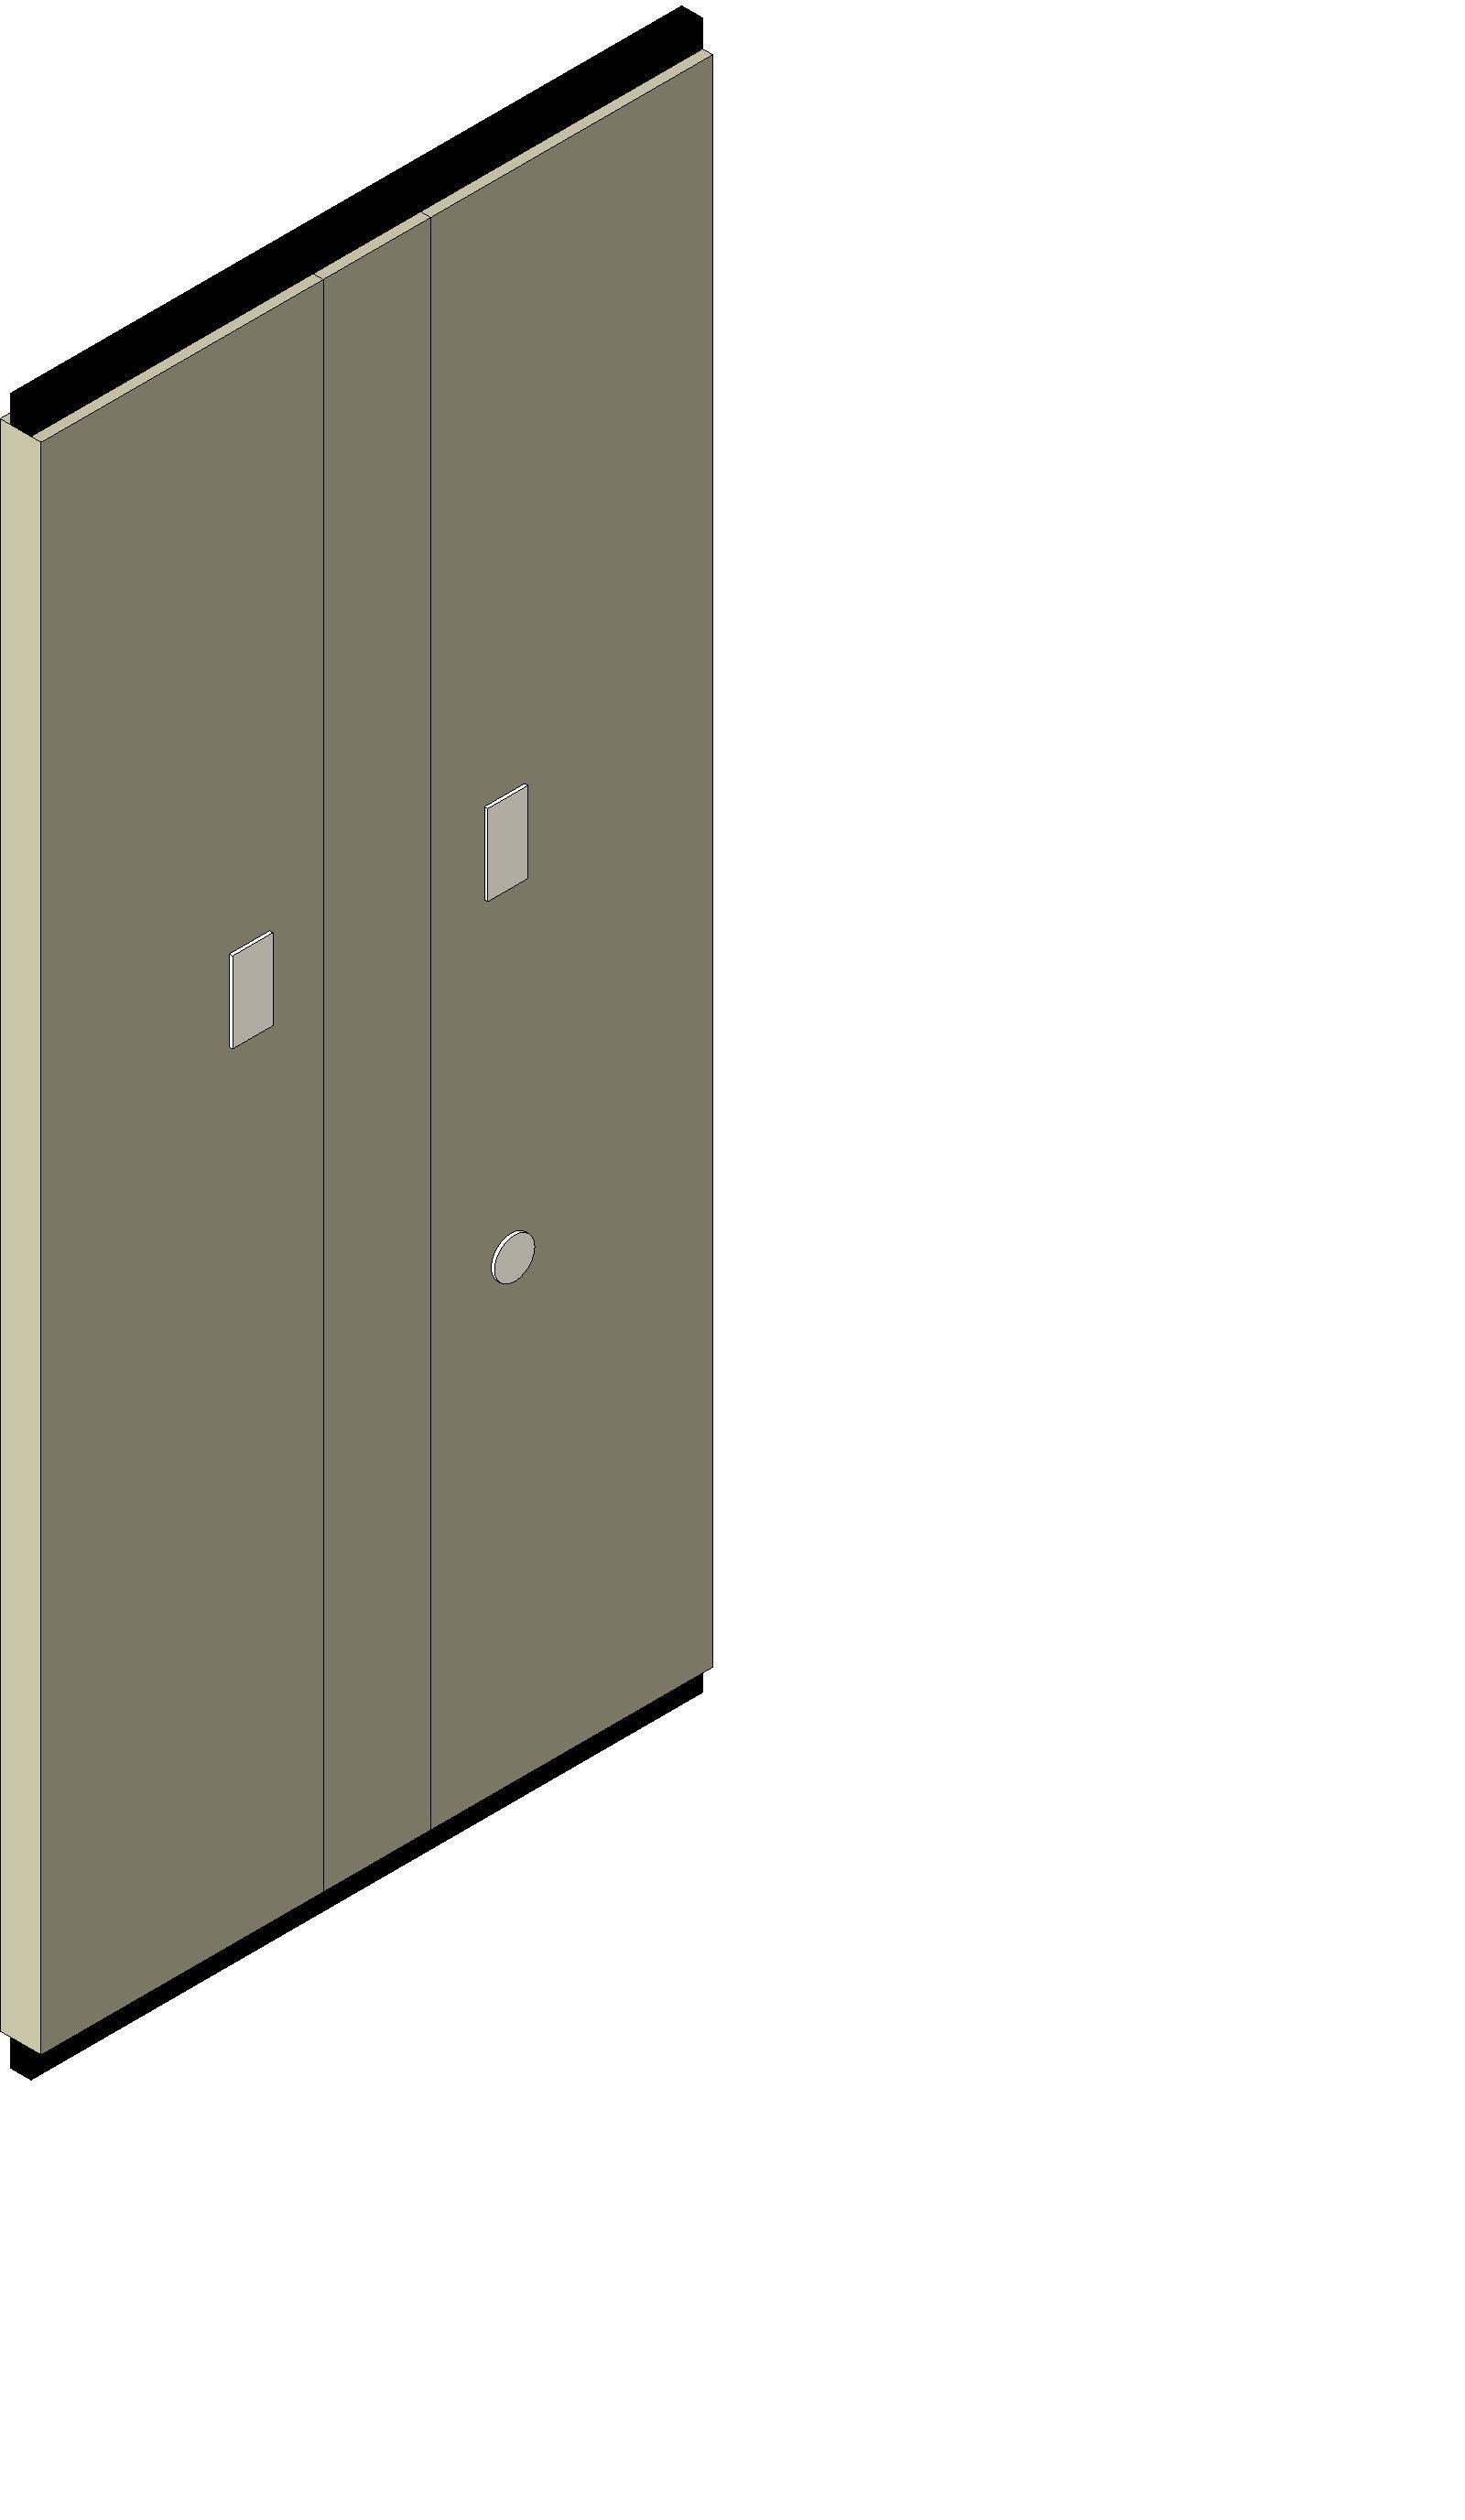 Double Door Elevator Revit